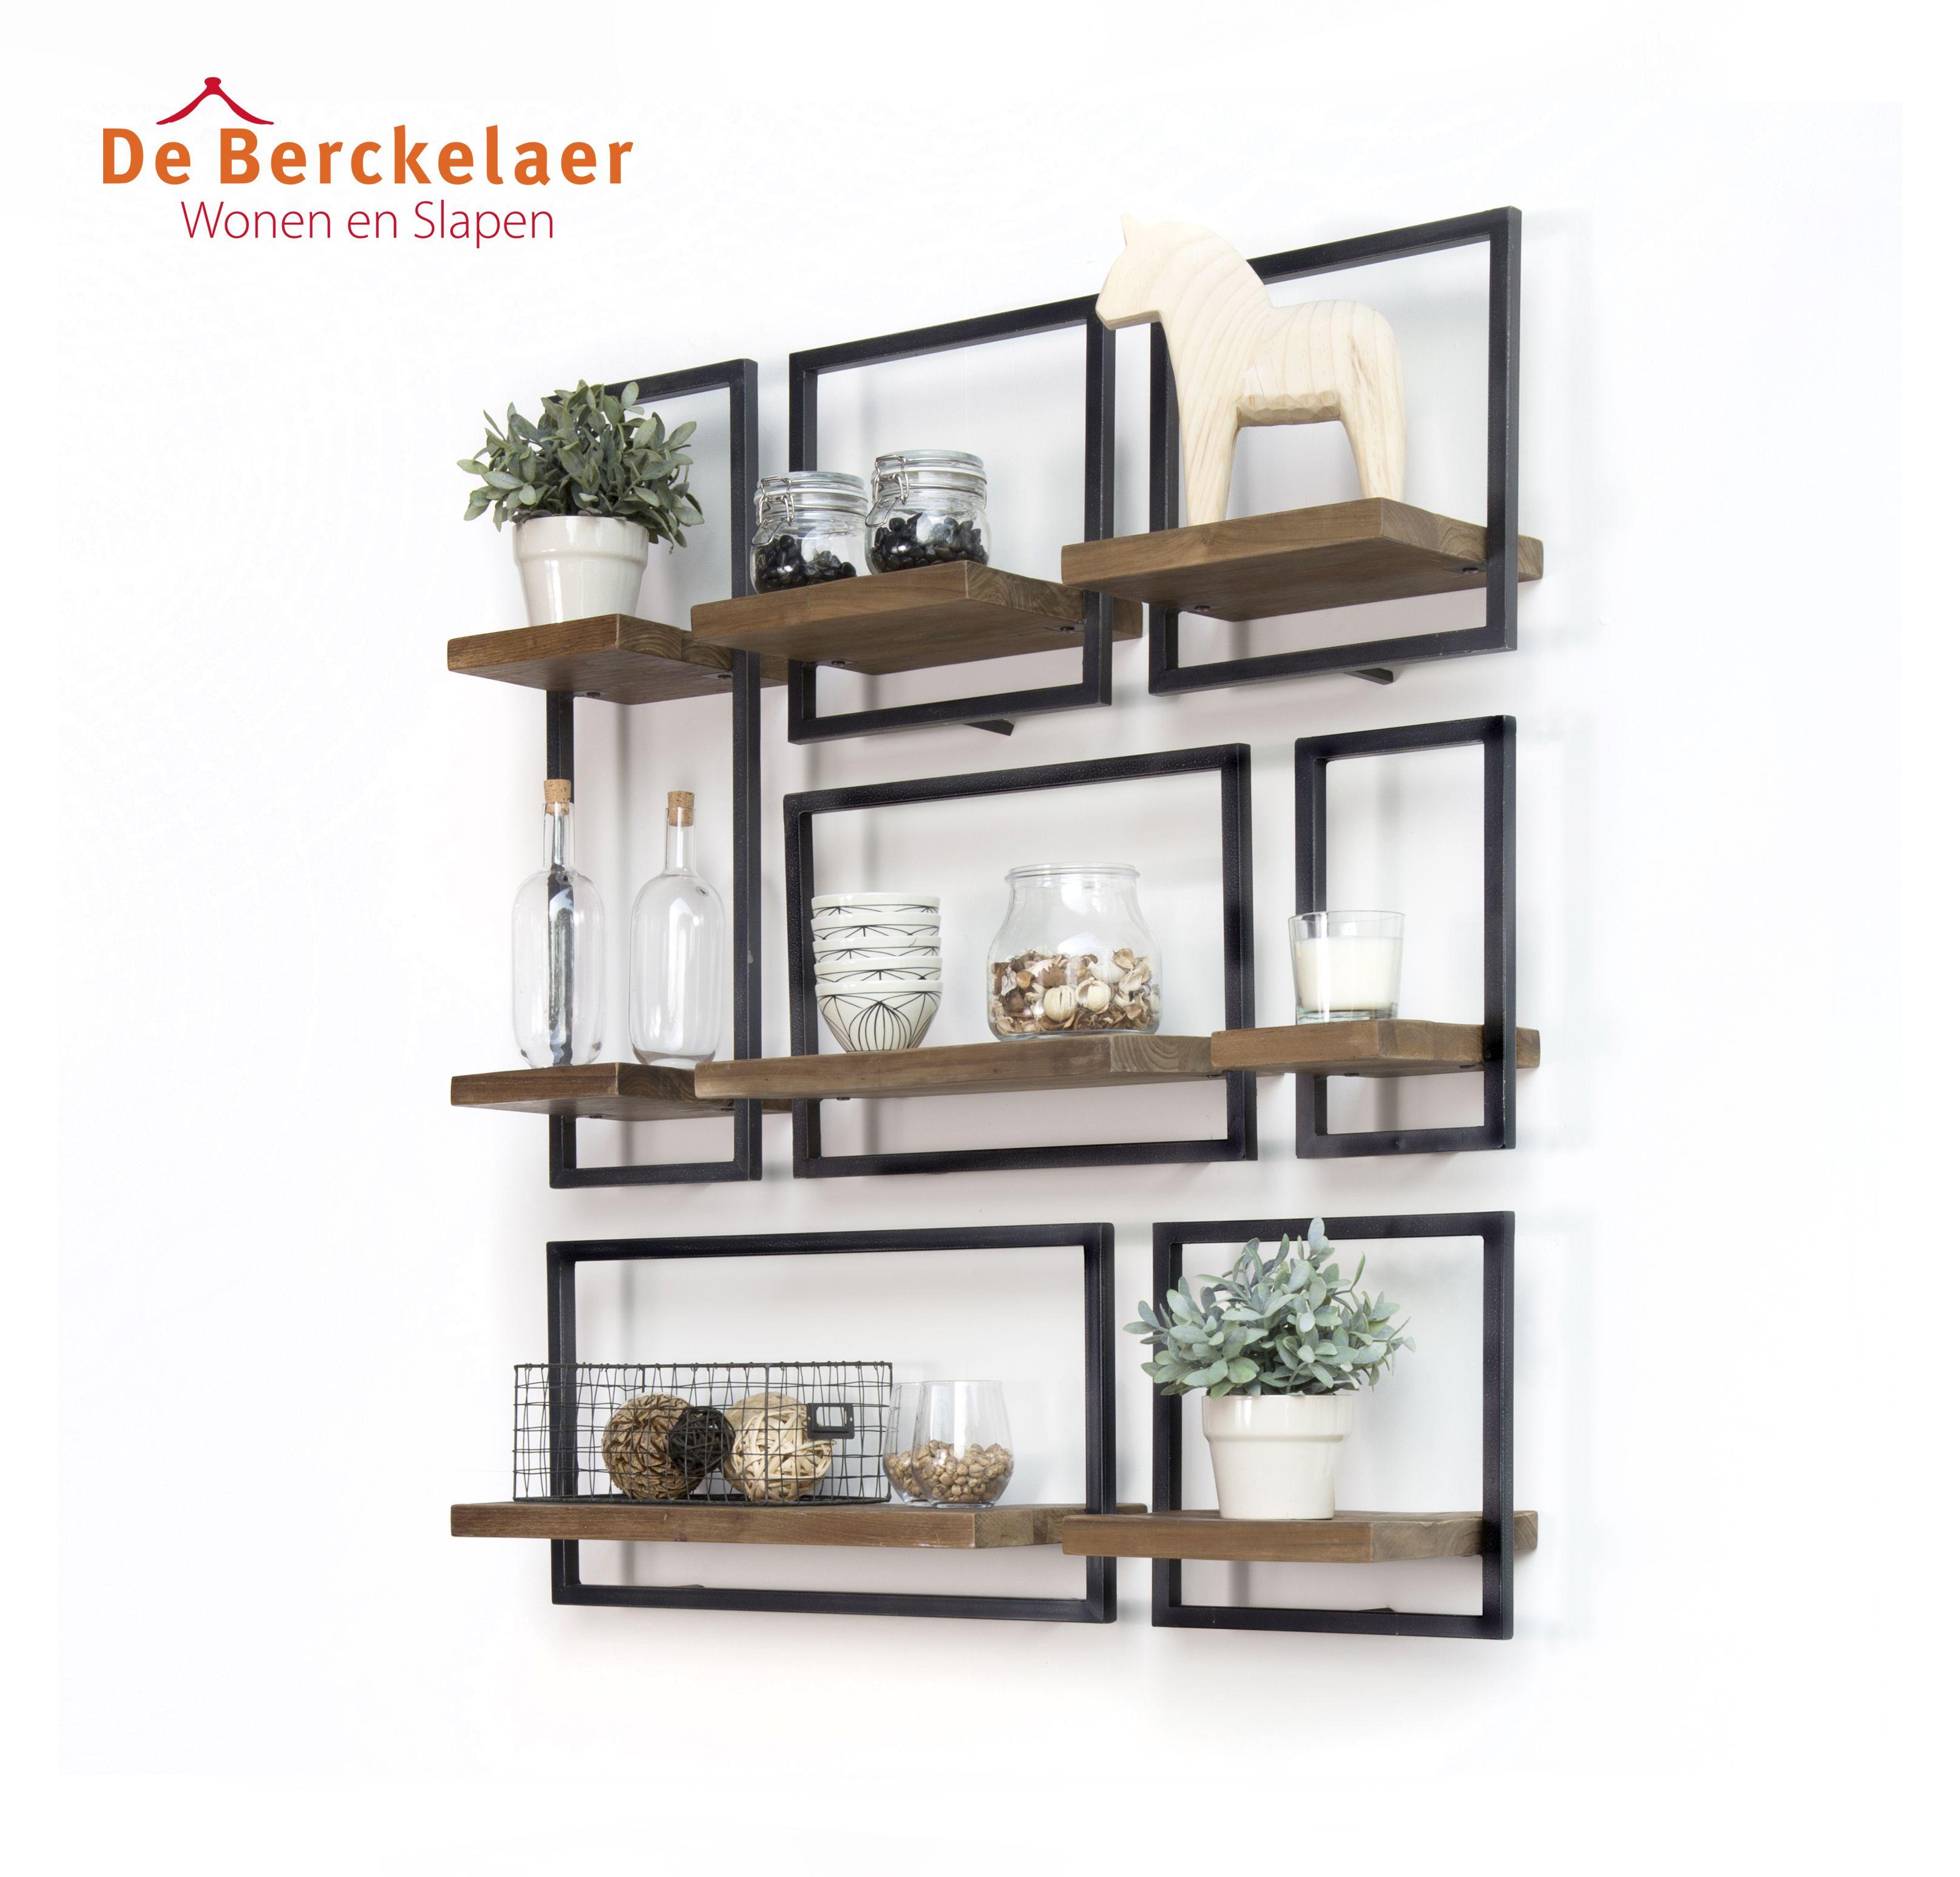 Shelfmate is een uniek schappen systeem dat bestaat uit for Wanddecoratie woonkamer